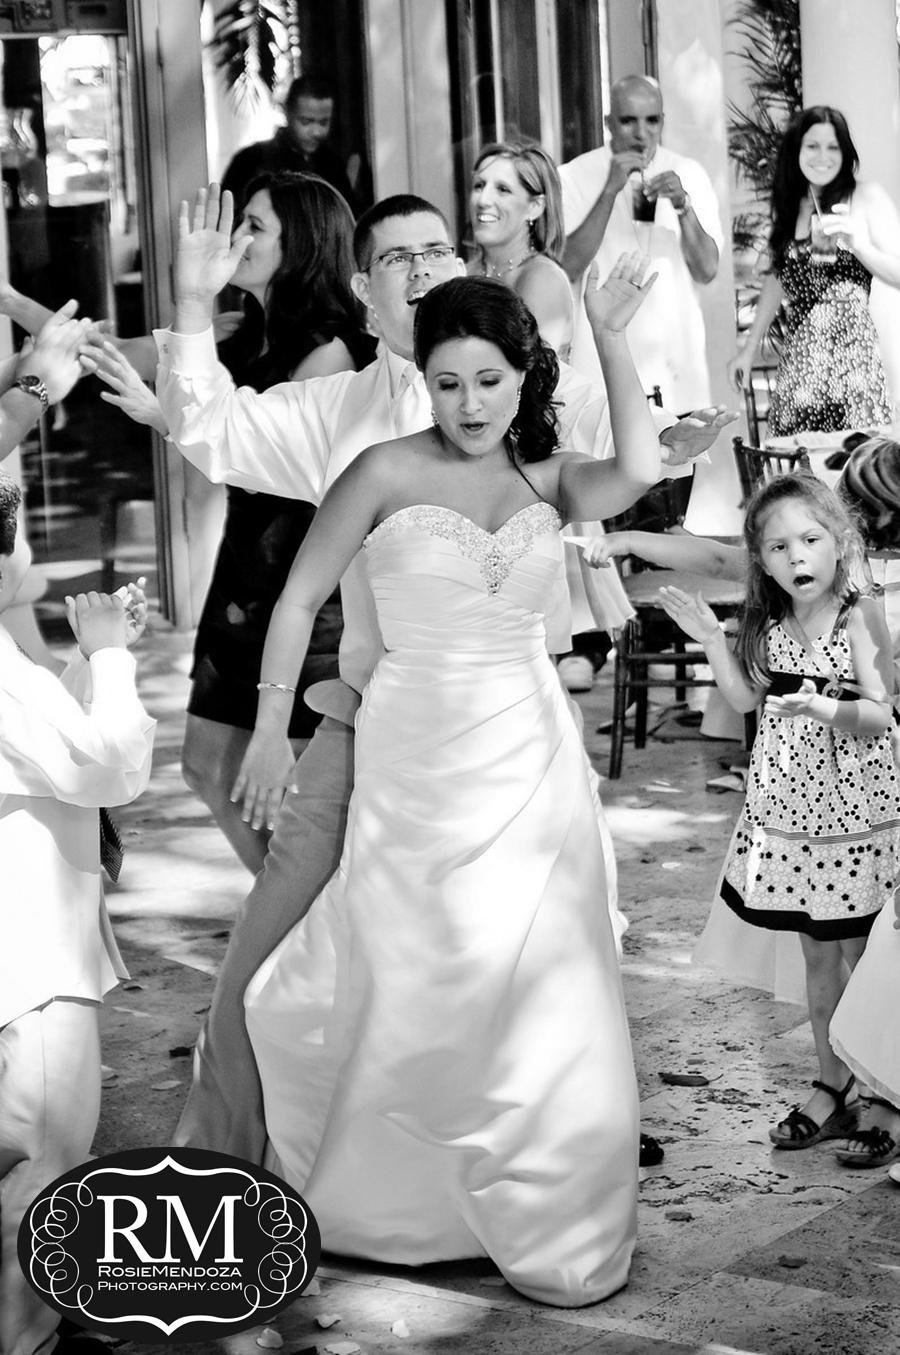 Boca-Raton-The-Addison-wedding-party-photo